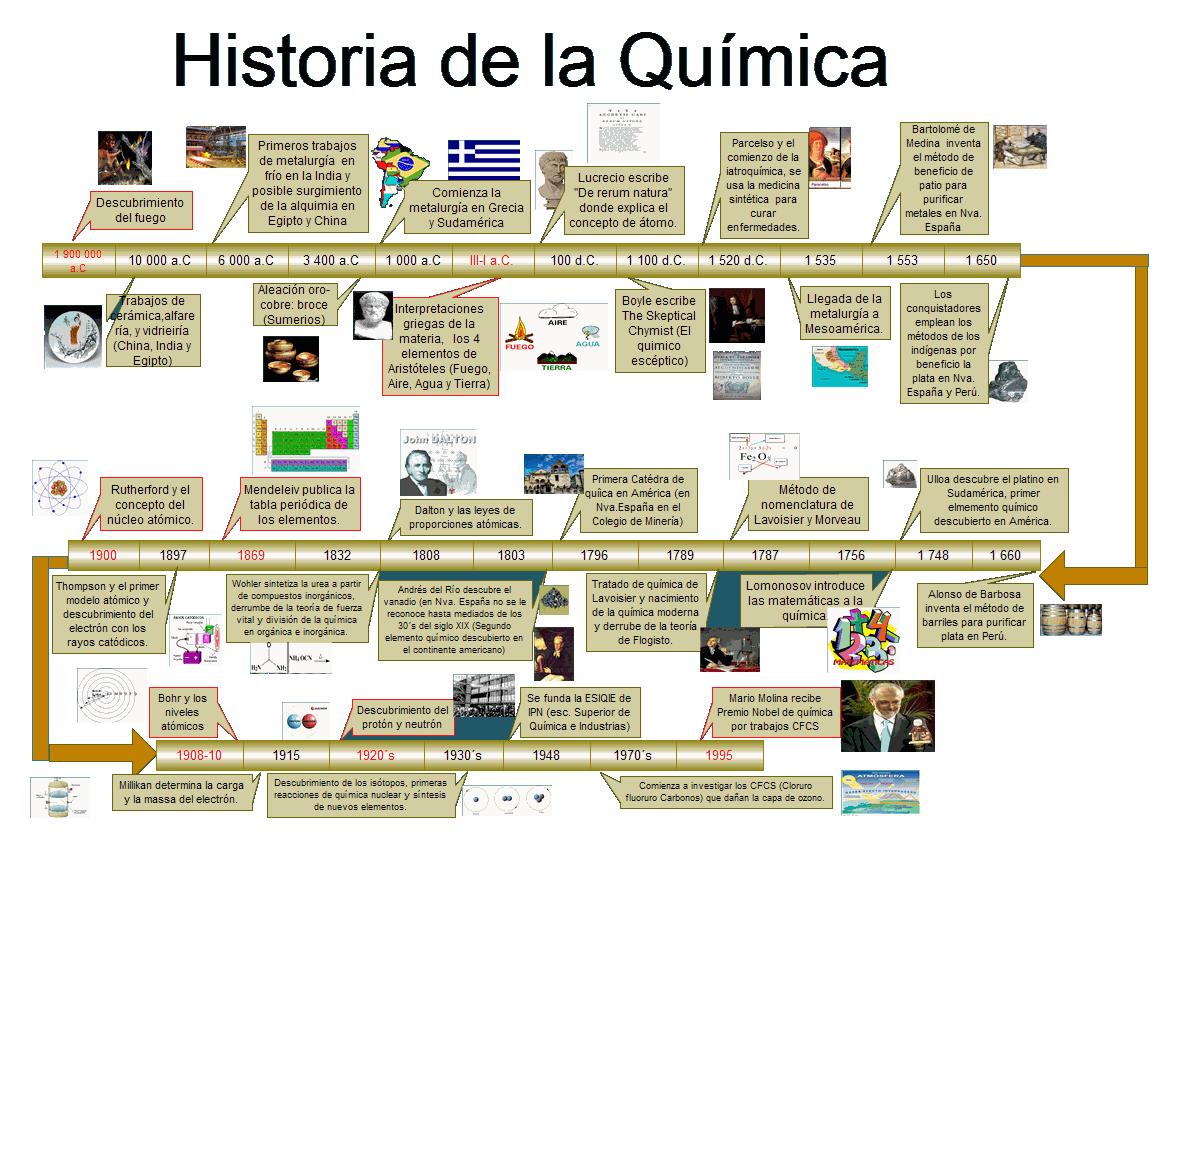 Aprendiendo quimica la historia de la qu mica for Resumen del libro quimica en la cocina